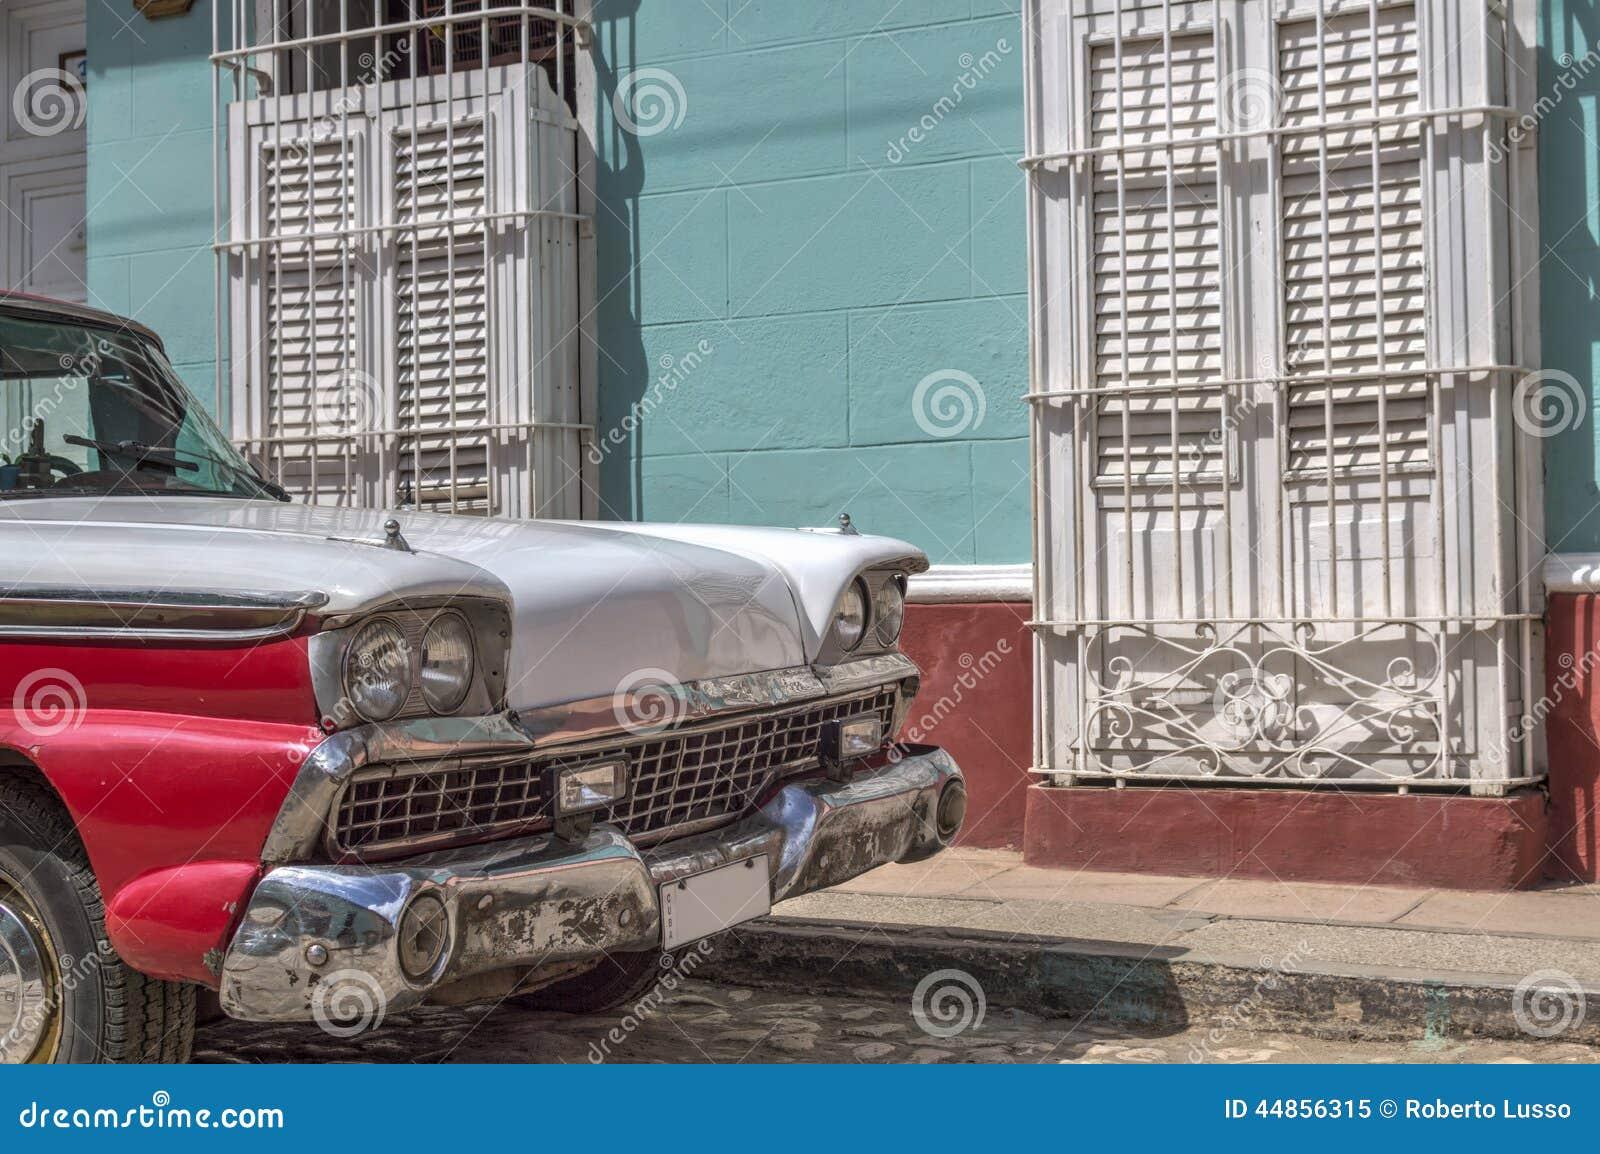 Coche clásico americano delante de una casa colonial en Trinidad, Cuba